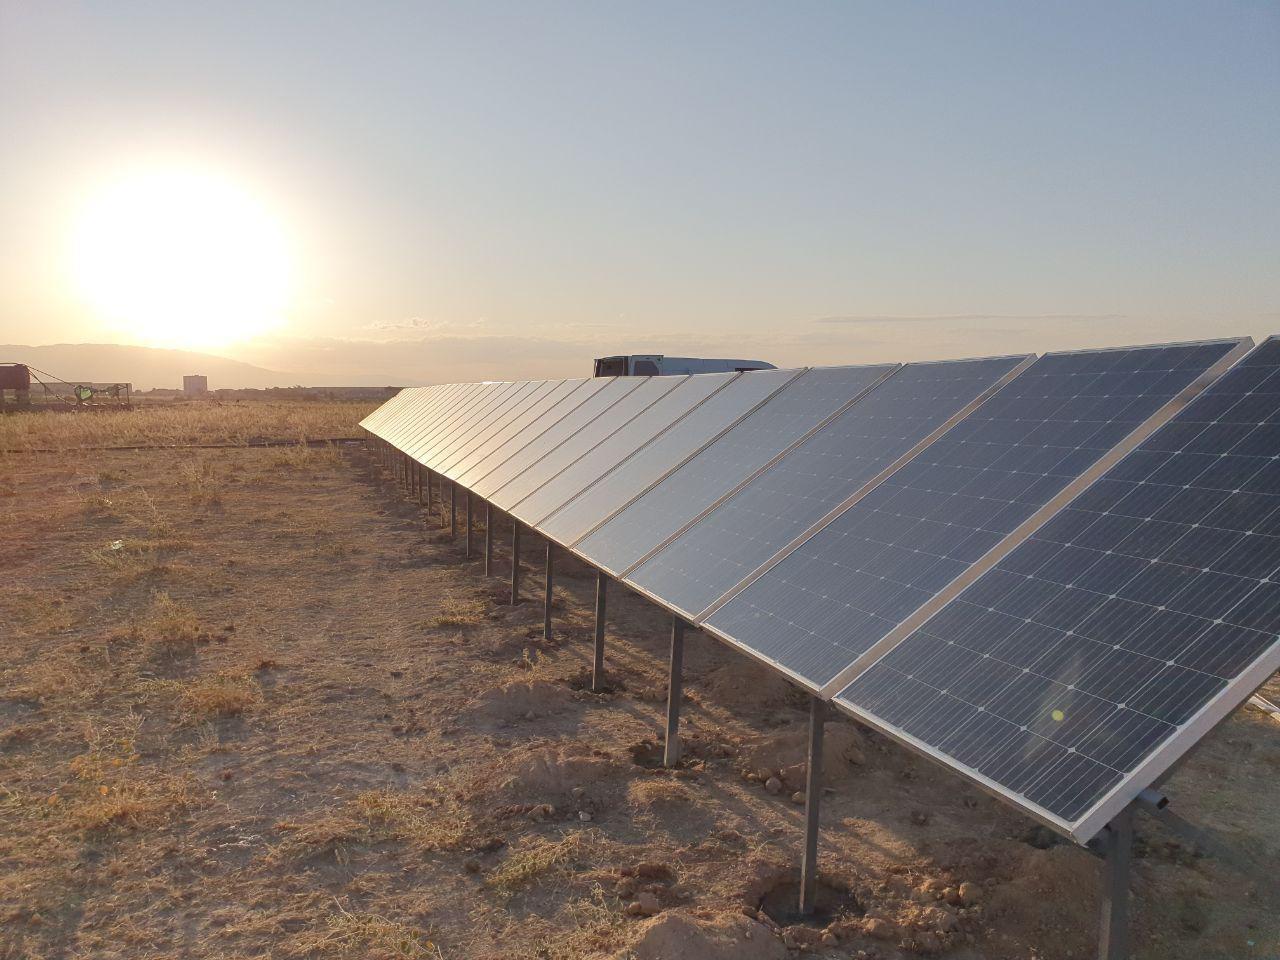 Фермеры внедряют фотоэлектрические станции в своих хозяйствах